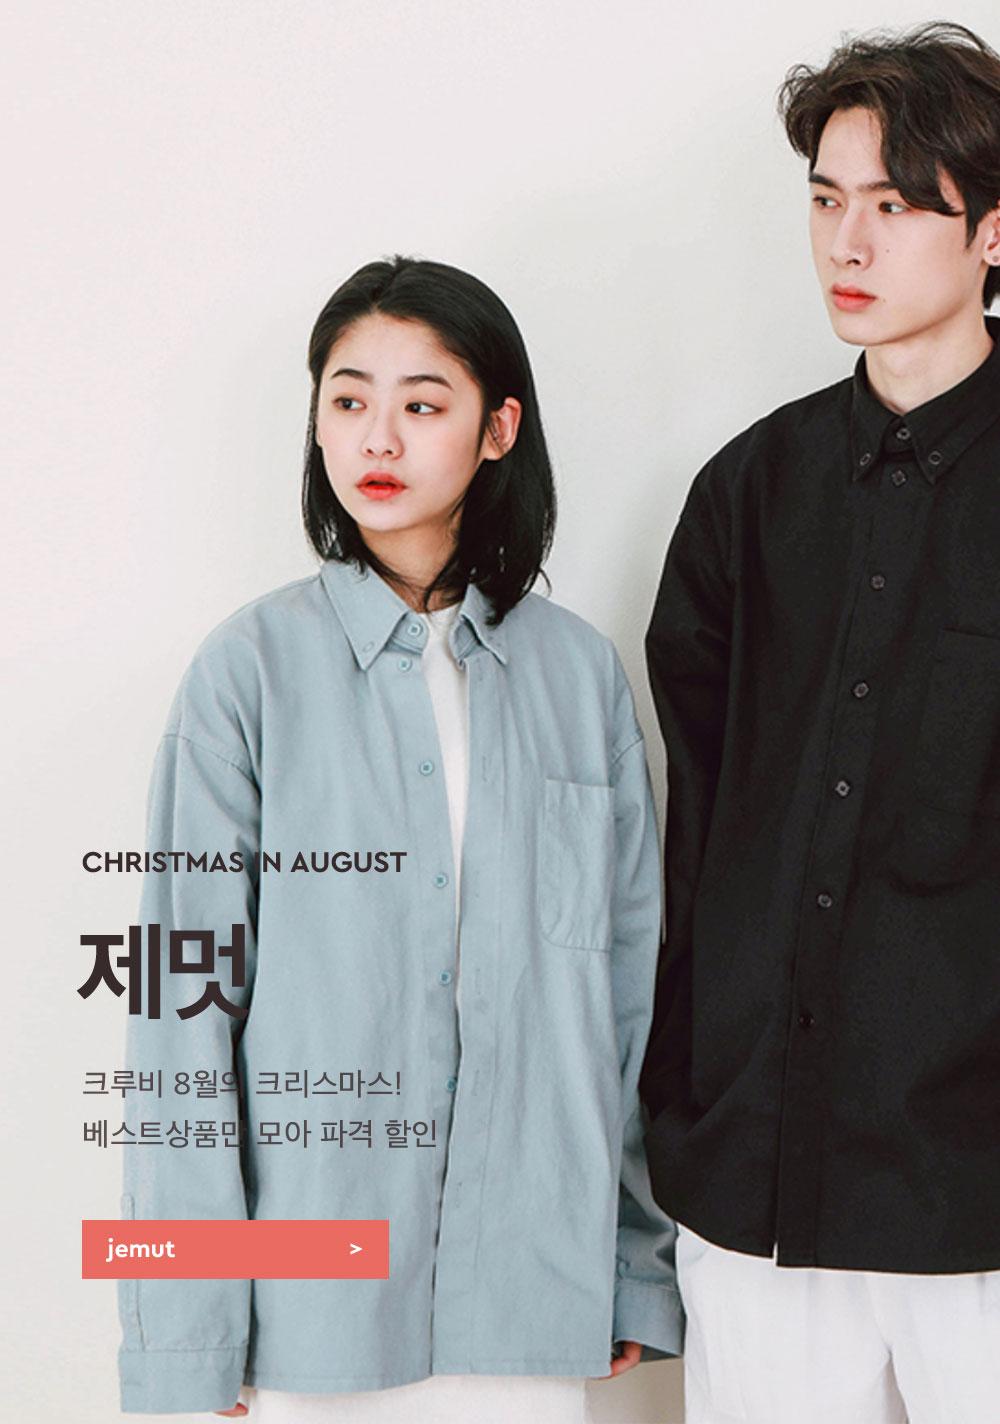 [8월의크리스마스] 제멋